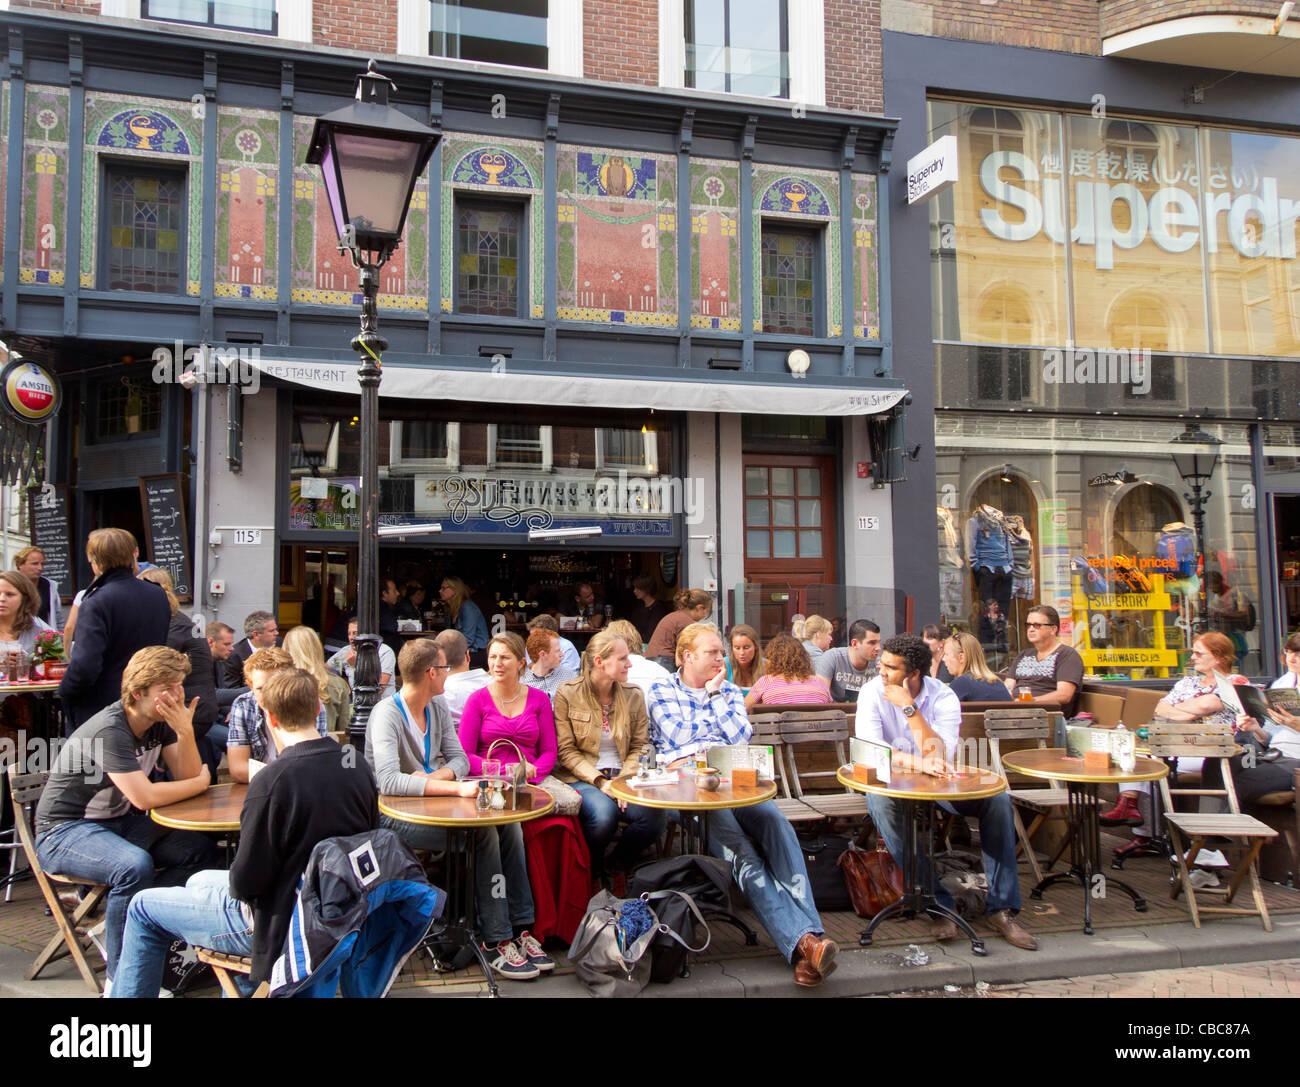 Un popular bar en el área de compras de Oude Binnenweg, Rotterdam, Países Bajos Imagen De Stock